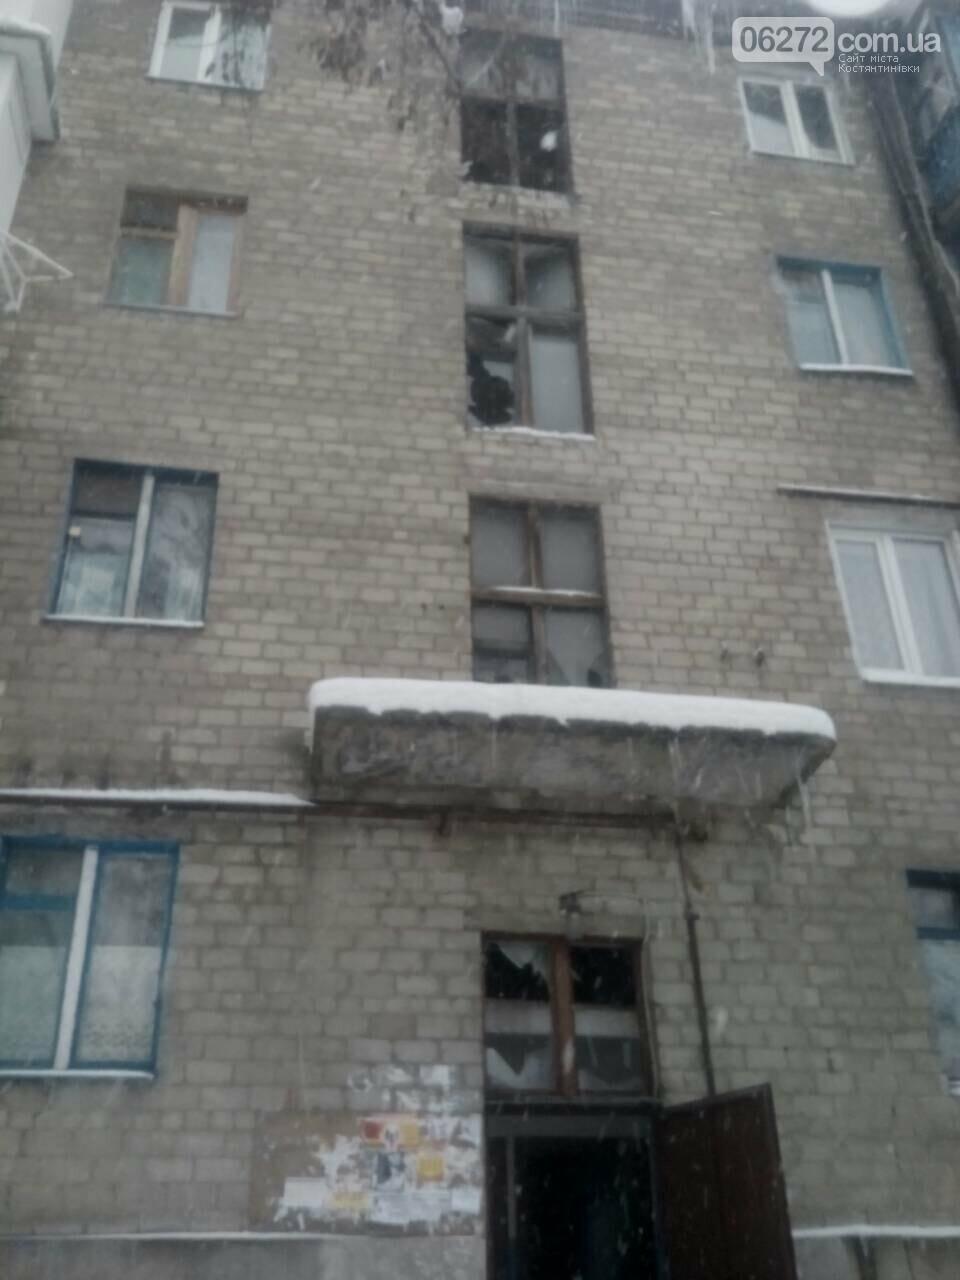 В Константиновке во время пожара погибла женщина, фото-3